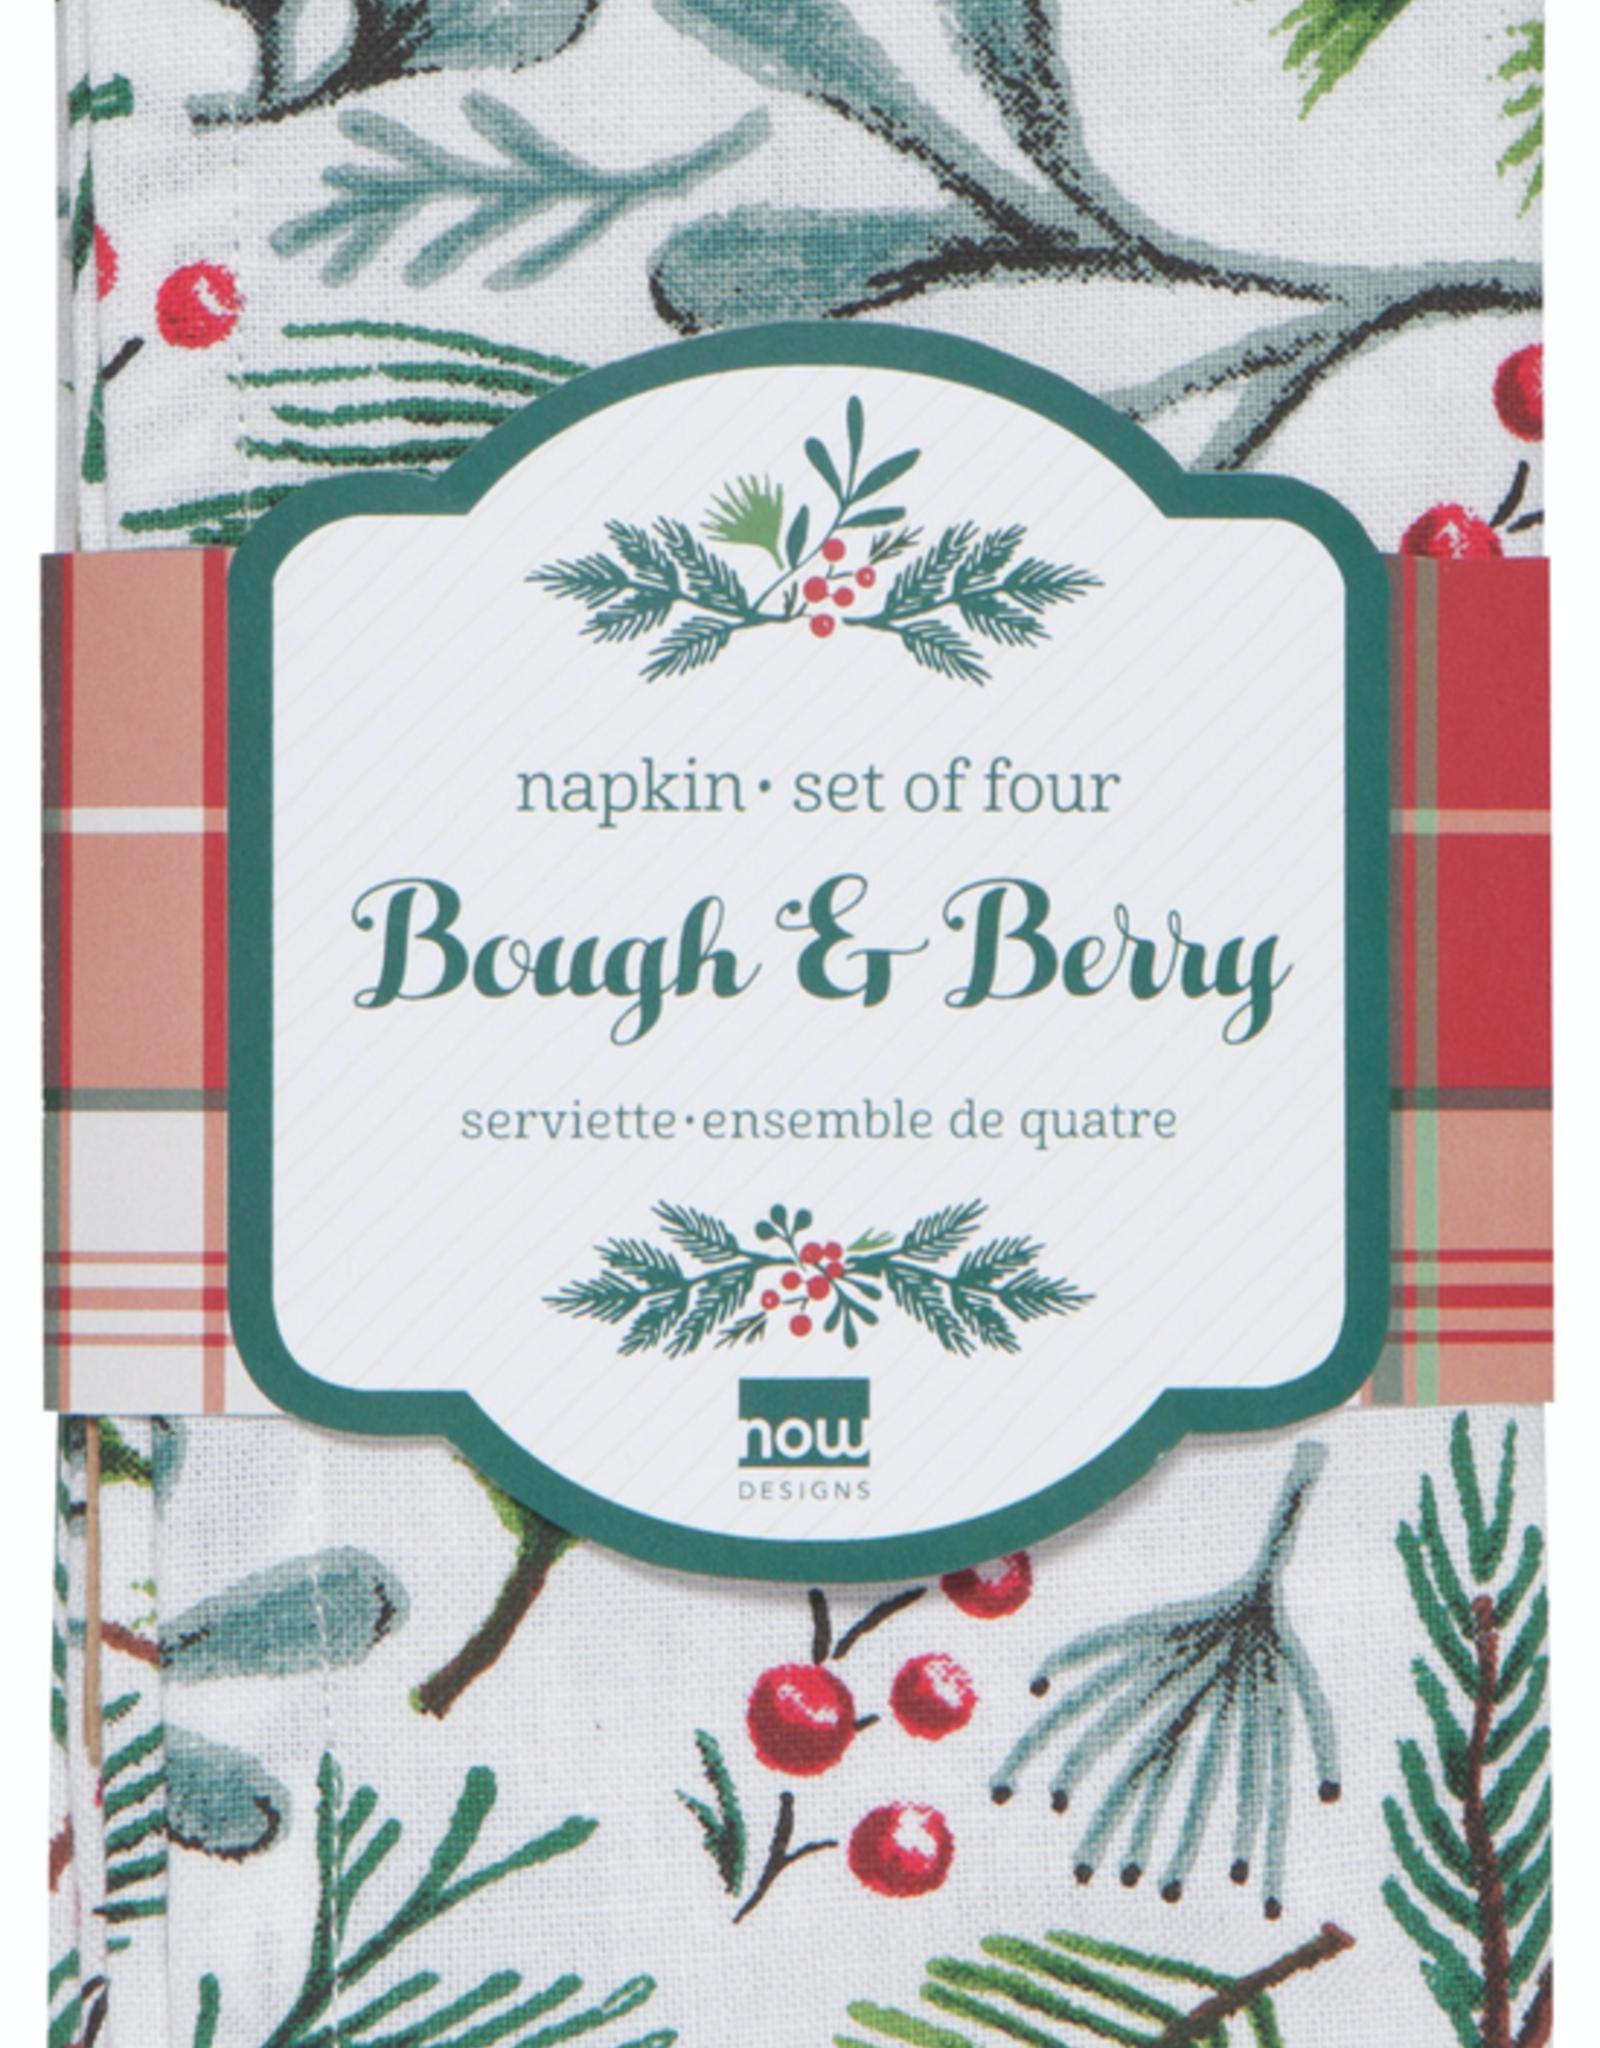 Bough & Berry Napkins Set 4